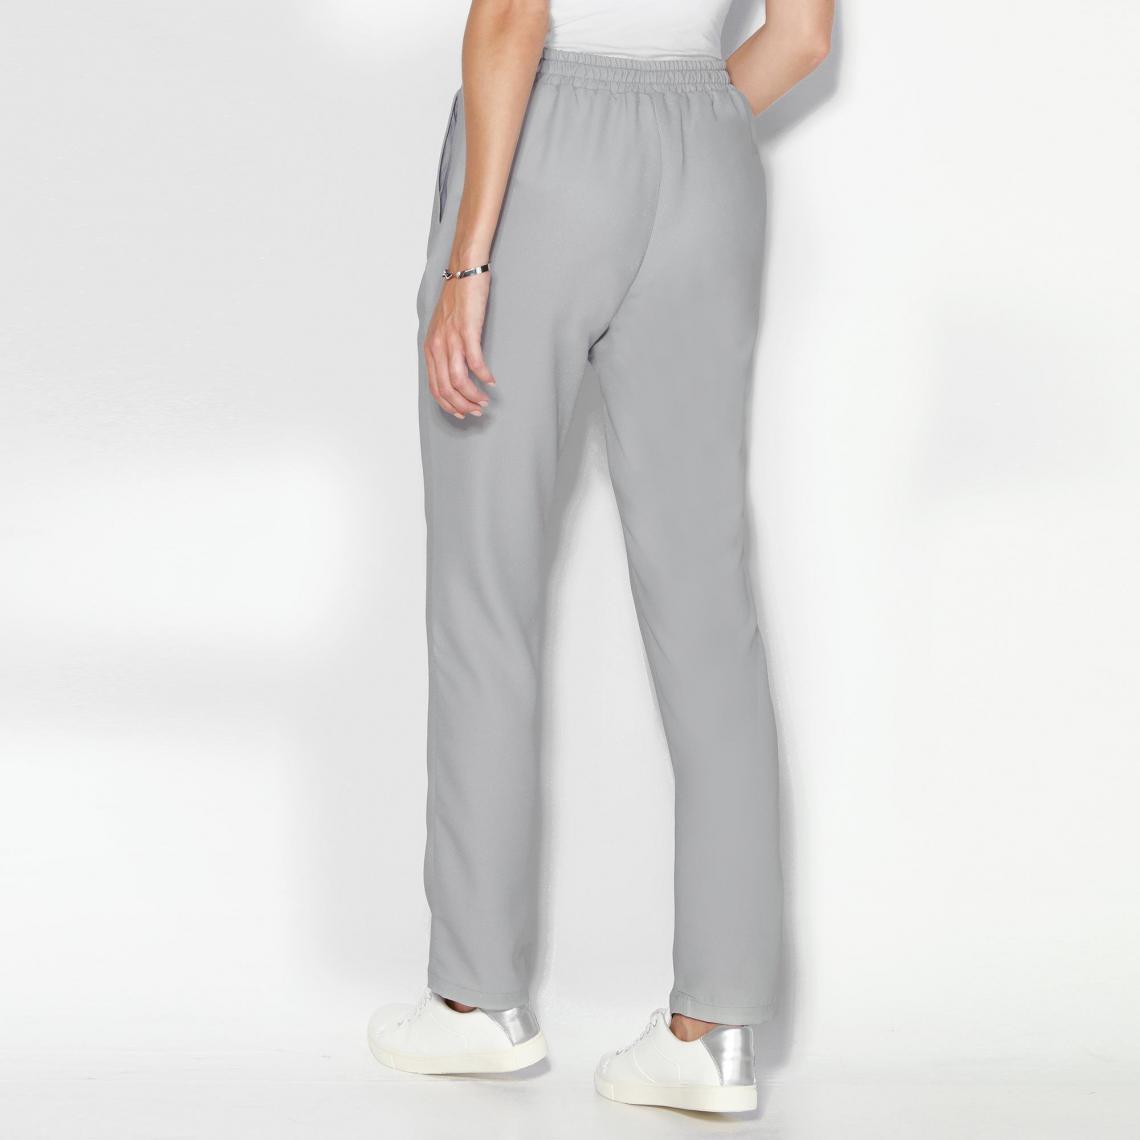 Pantalon uni taille élastique et cordon femme Exclusivité 3SUISSES - Gris  Perle 3 SUISSES fdec2039ba4